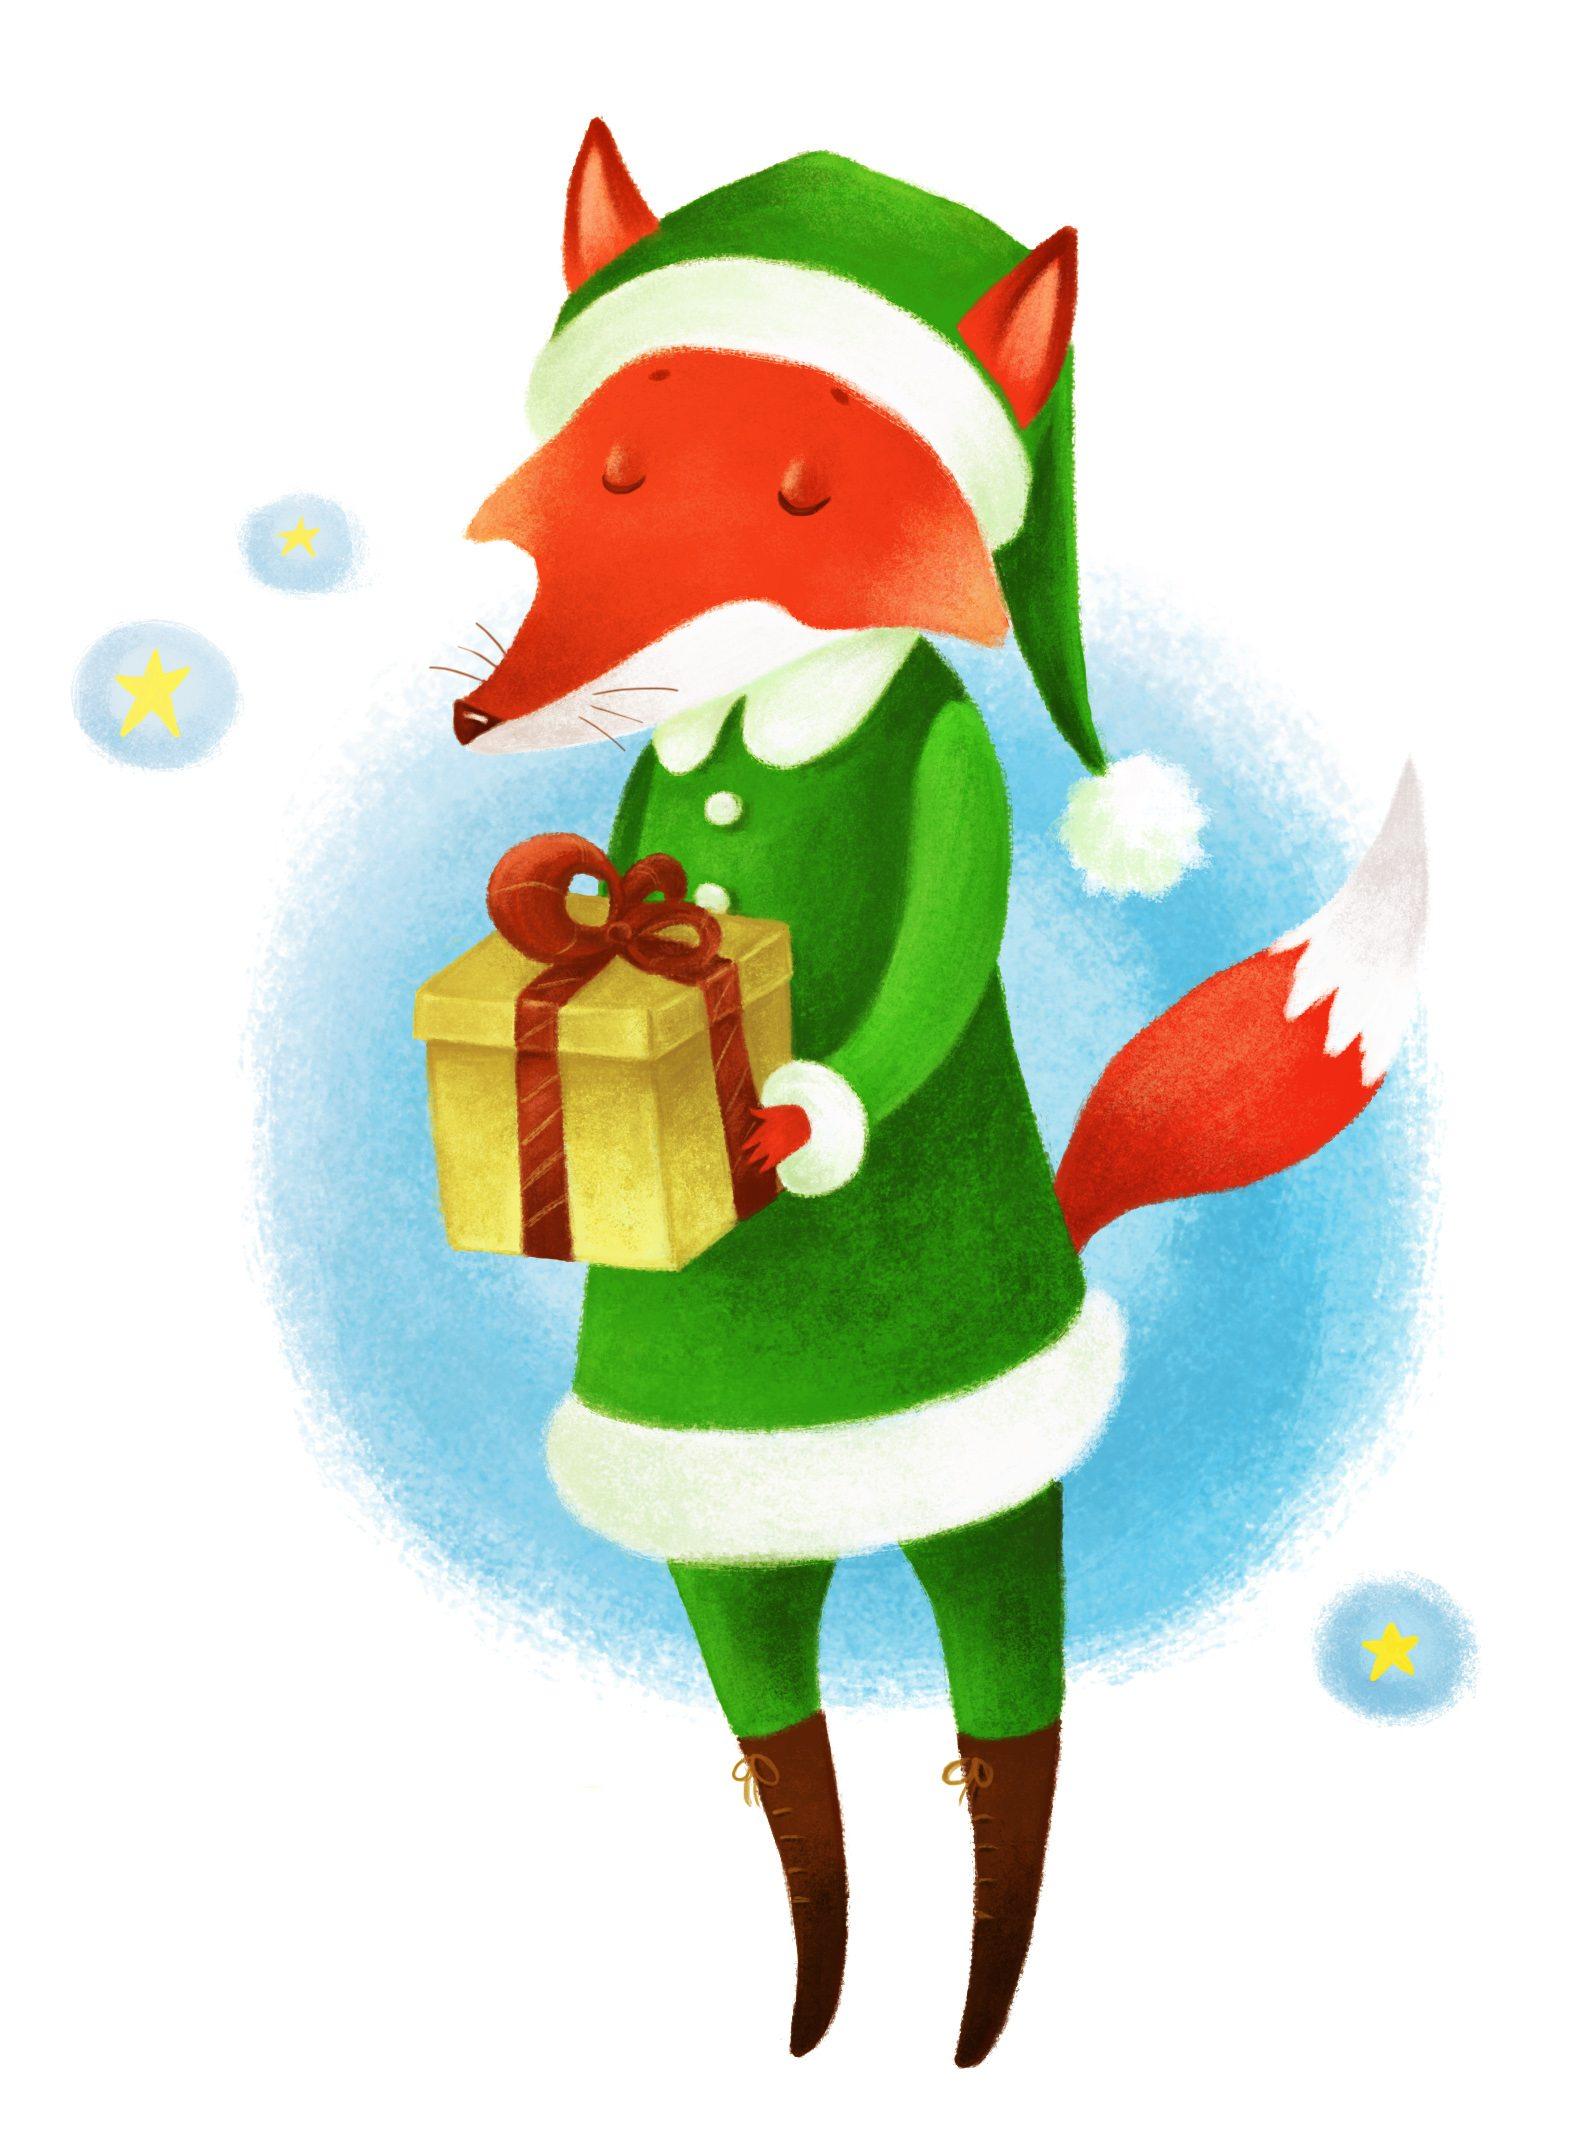 Mr Fox Digital Illustration by Orgueil